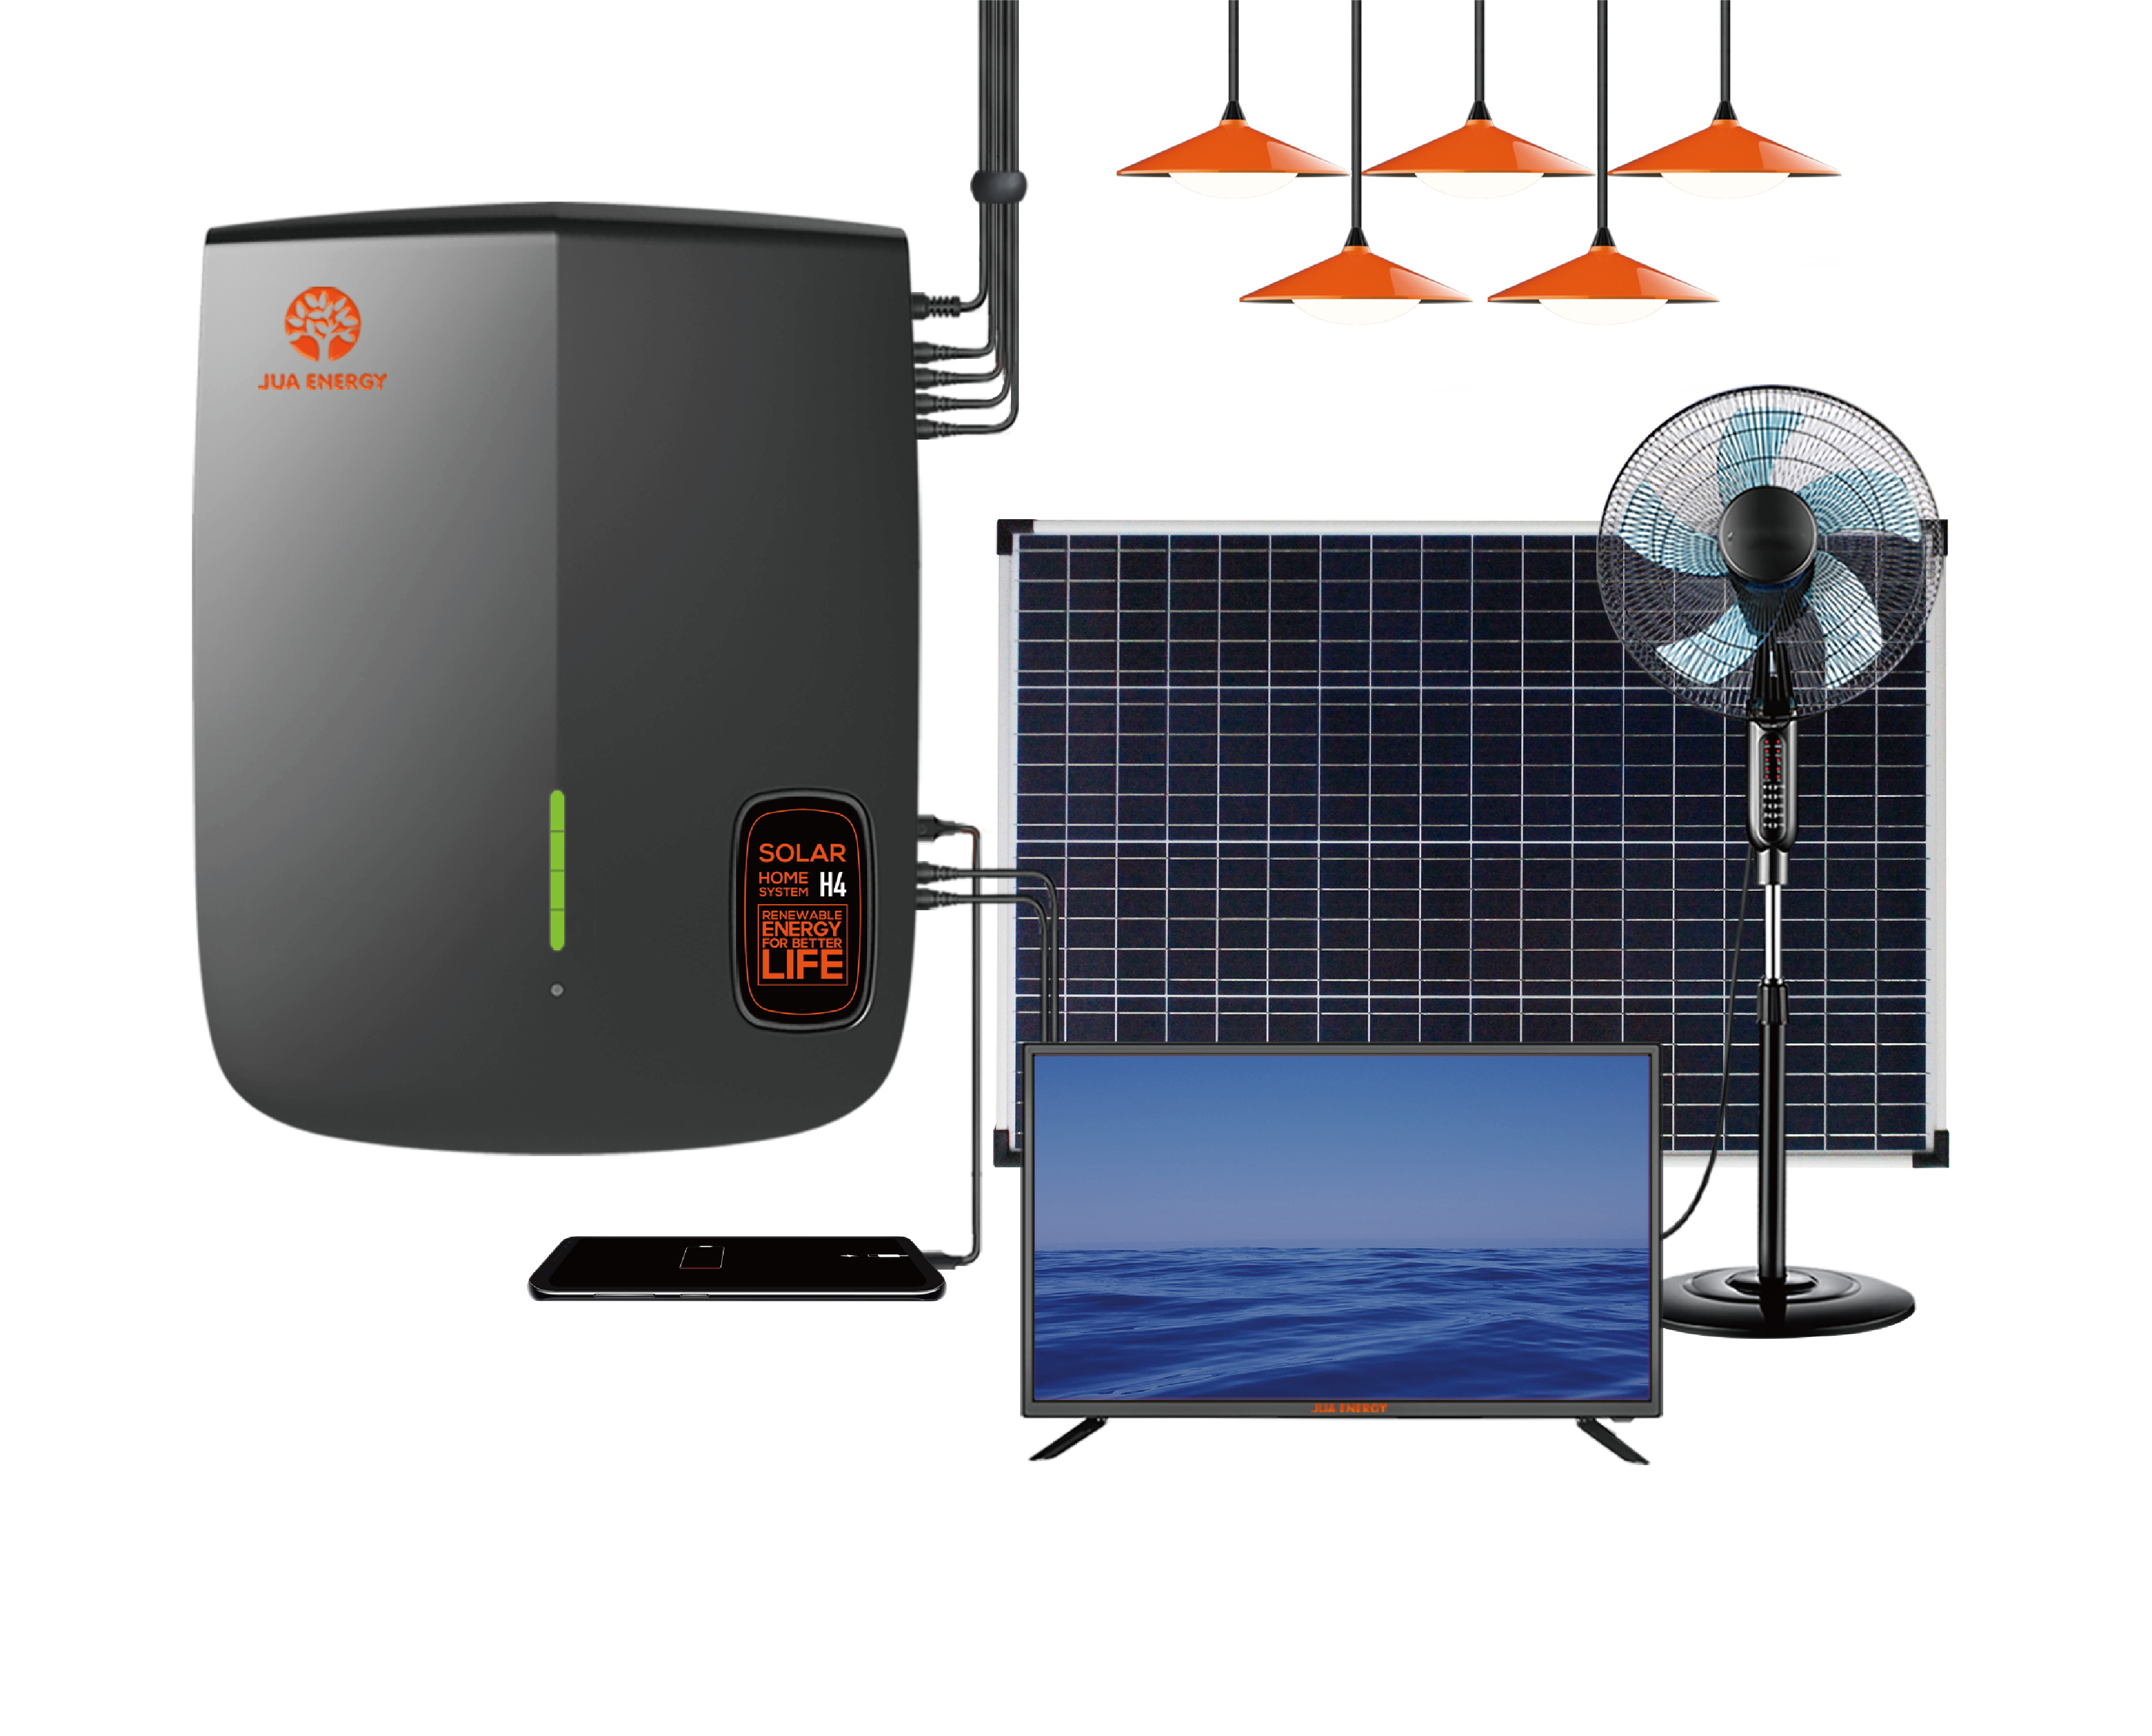 JUA الطاقة 100 واط لوحة طاقة شمسية 12 فولت تيار مستمر مروحة تعمل بالطاقة الشمسية 32 بوصة التلفزيون الشمسية LED إضاءة داخلية نظام الطاقة الشمسية لأف...